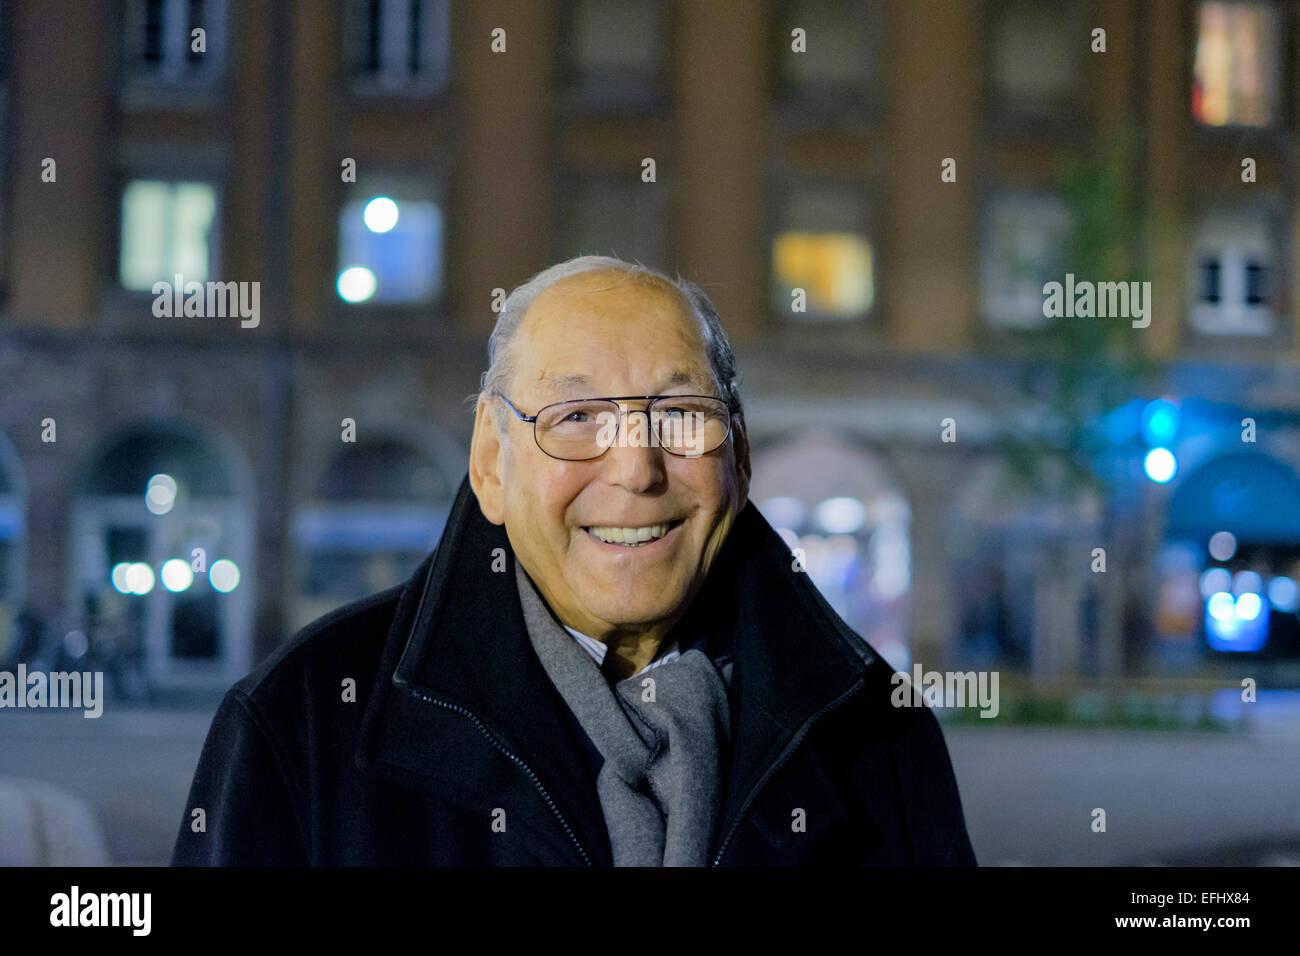 Sonriente anciano 80s retrato de noche Imagen De Stock